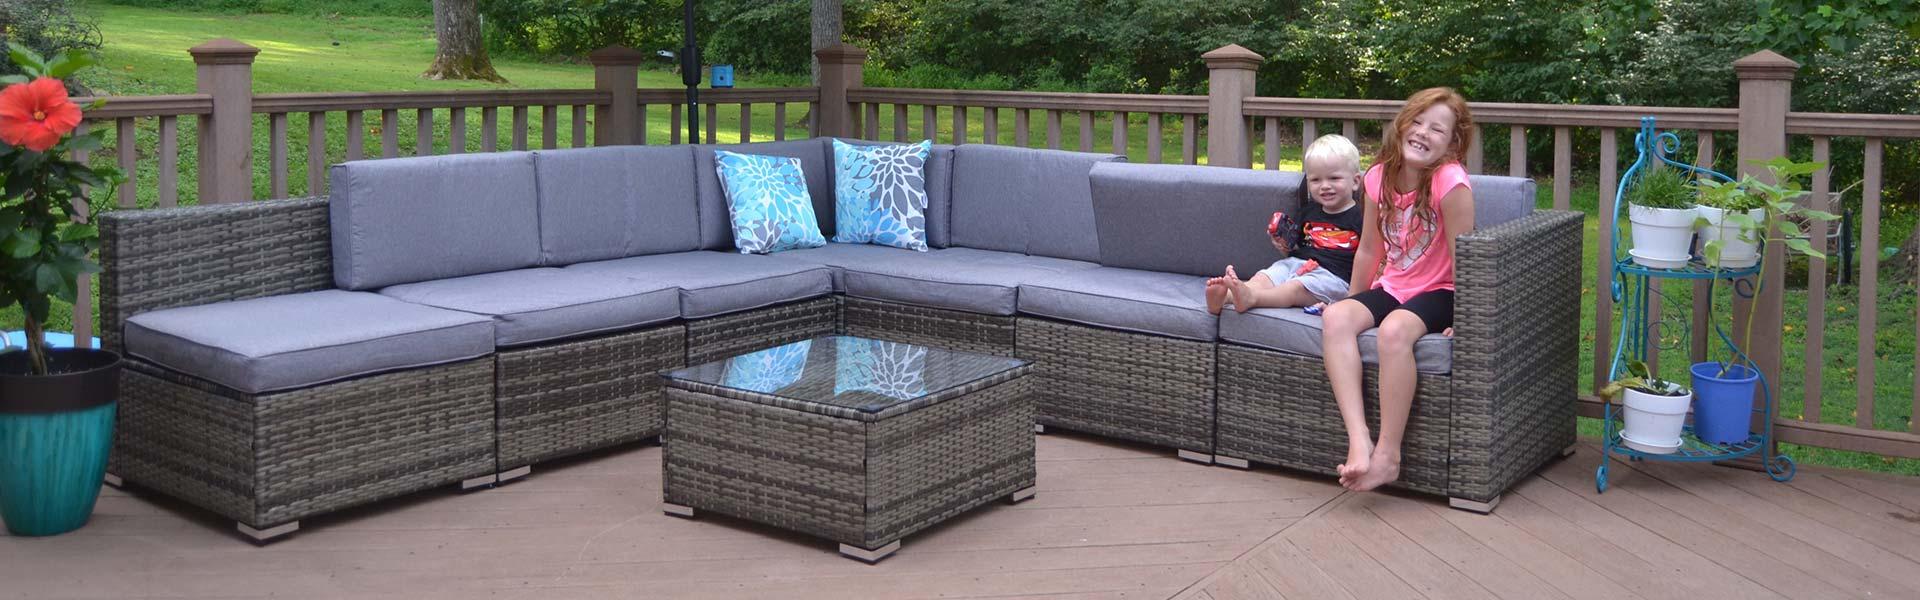 outdoor sofa Gazebo